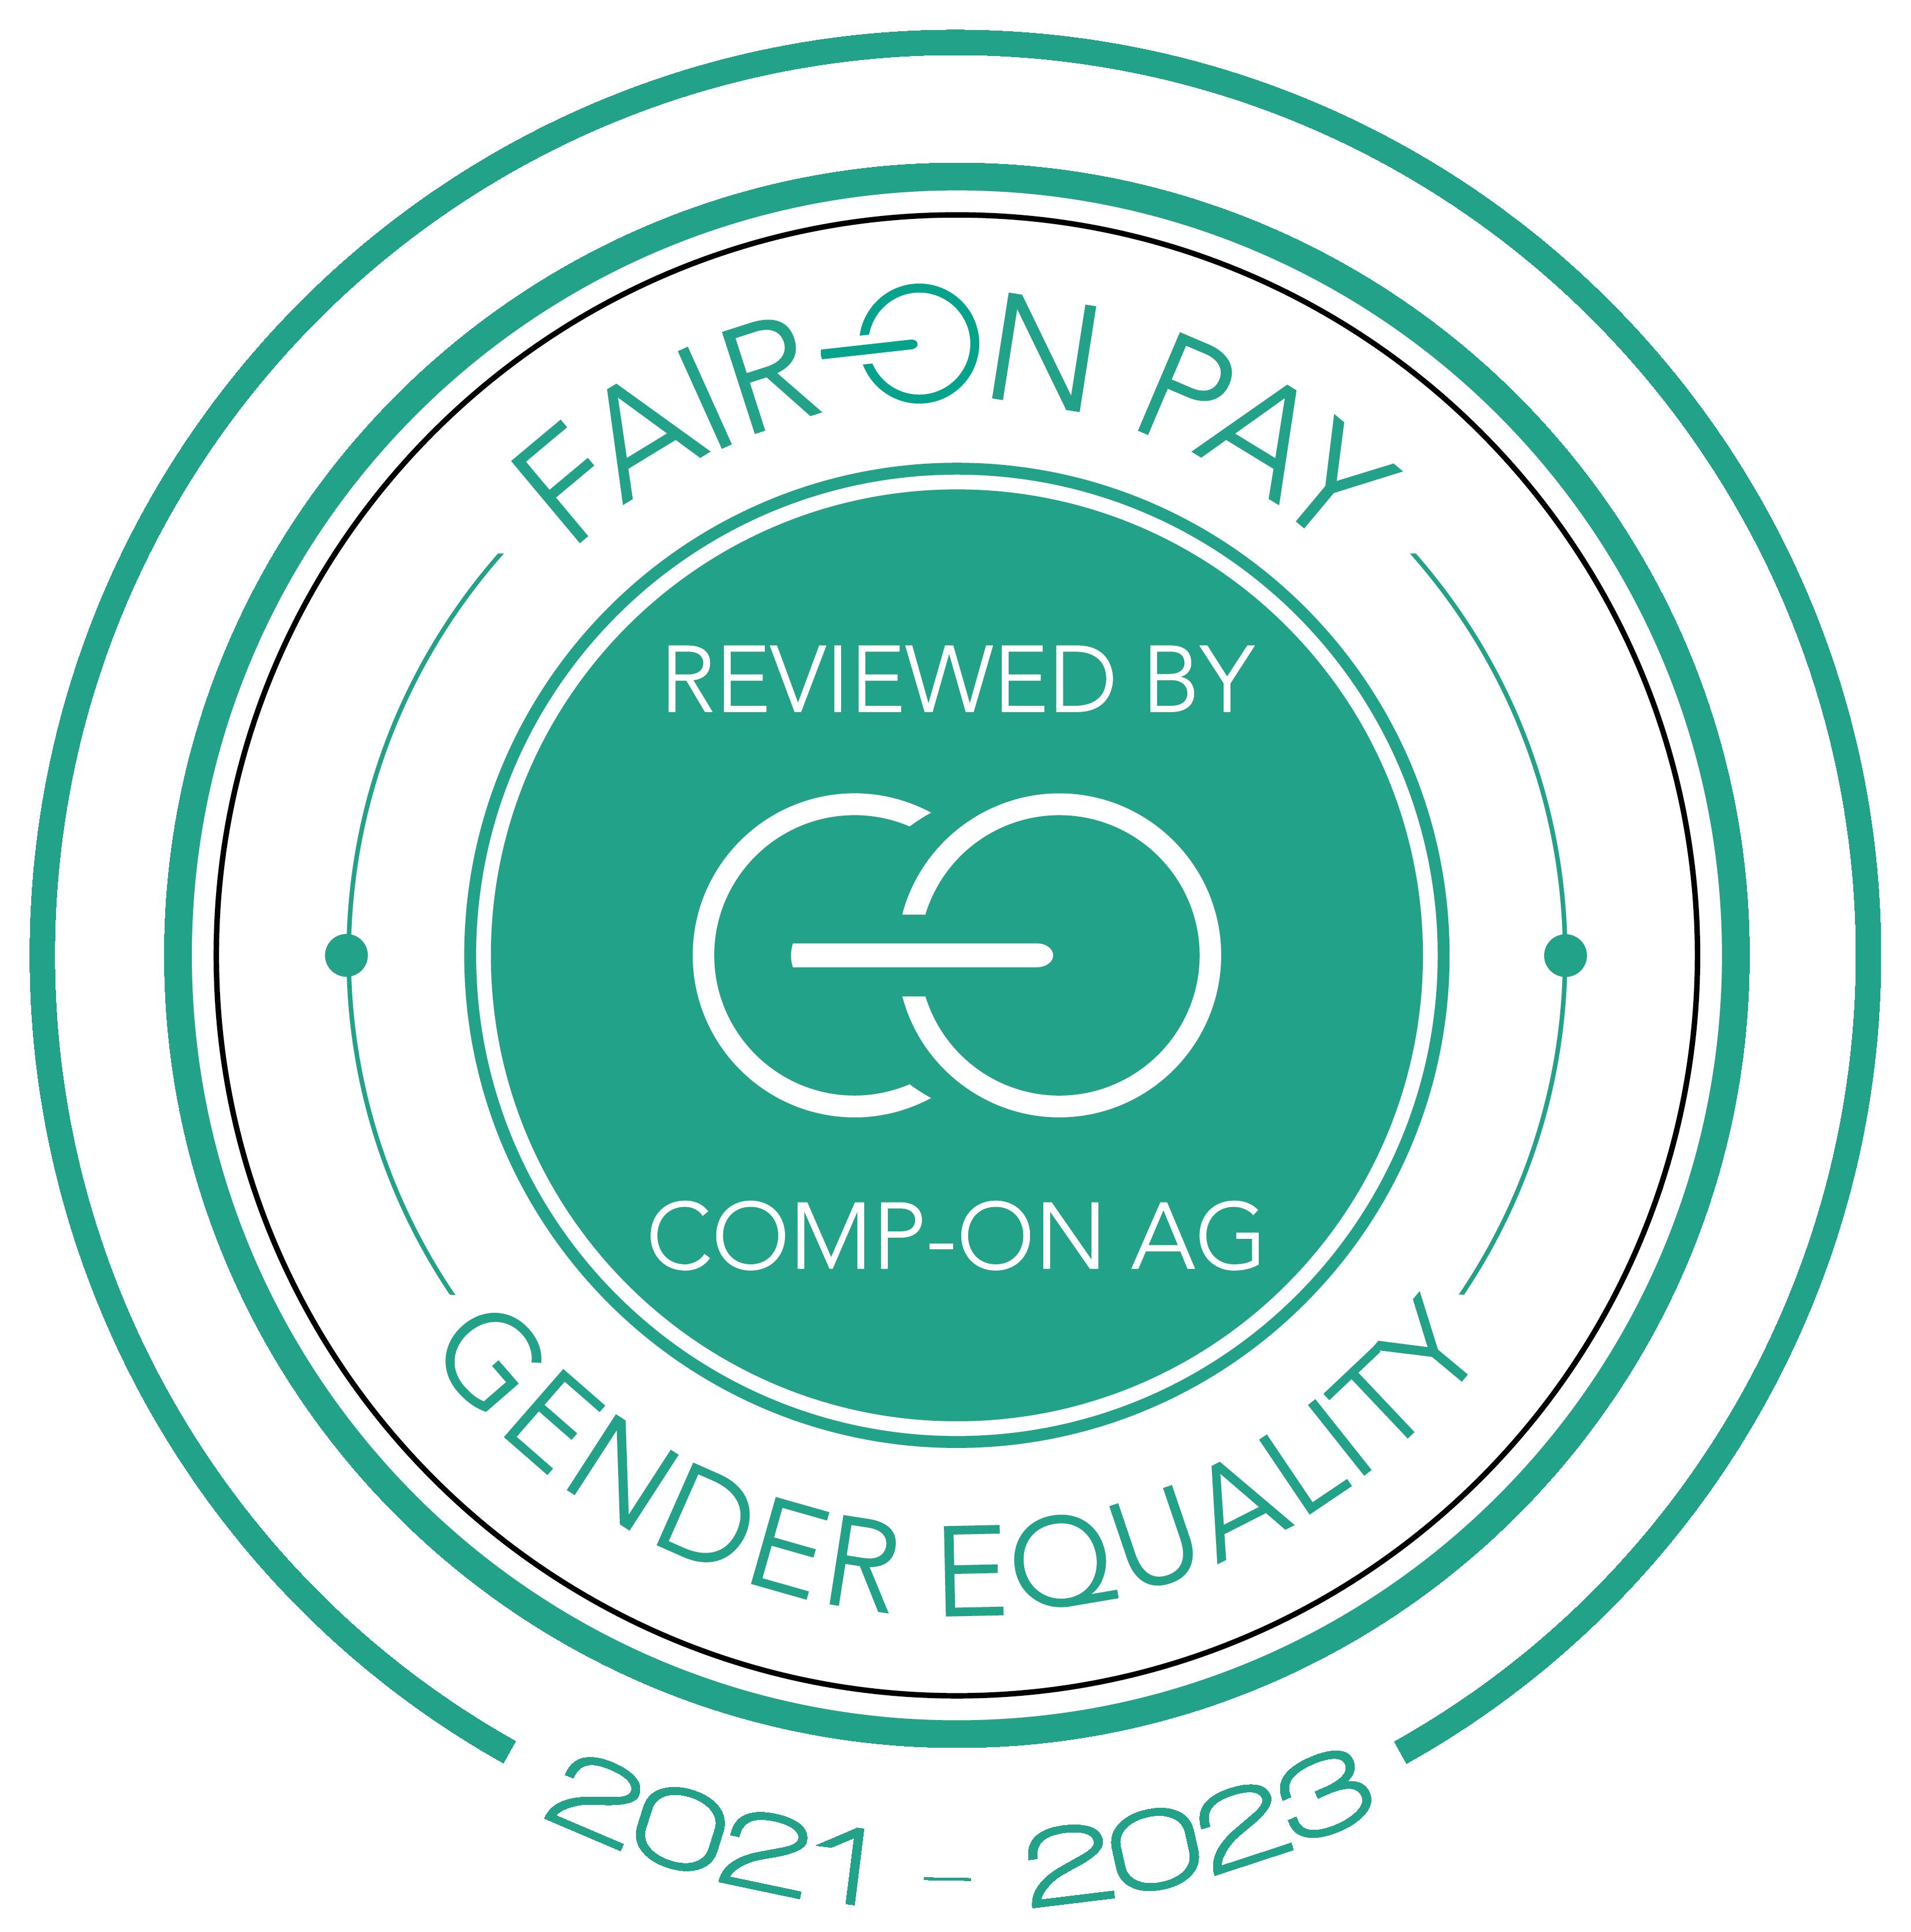 FairOnPay 2021